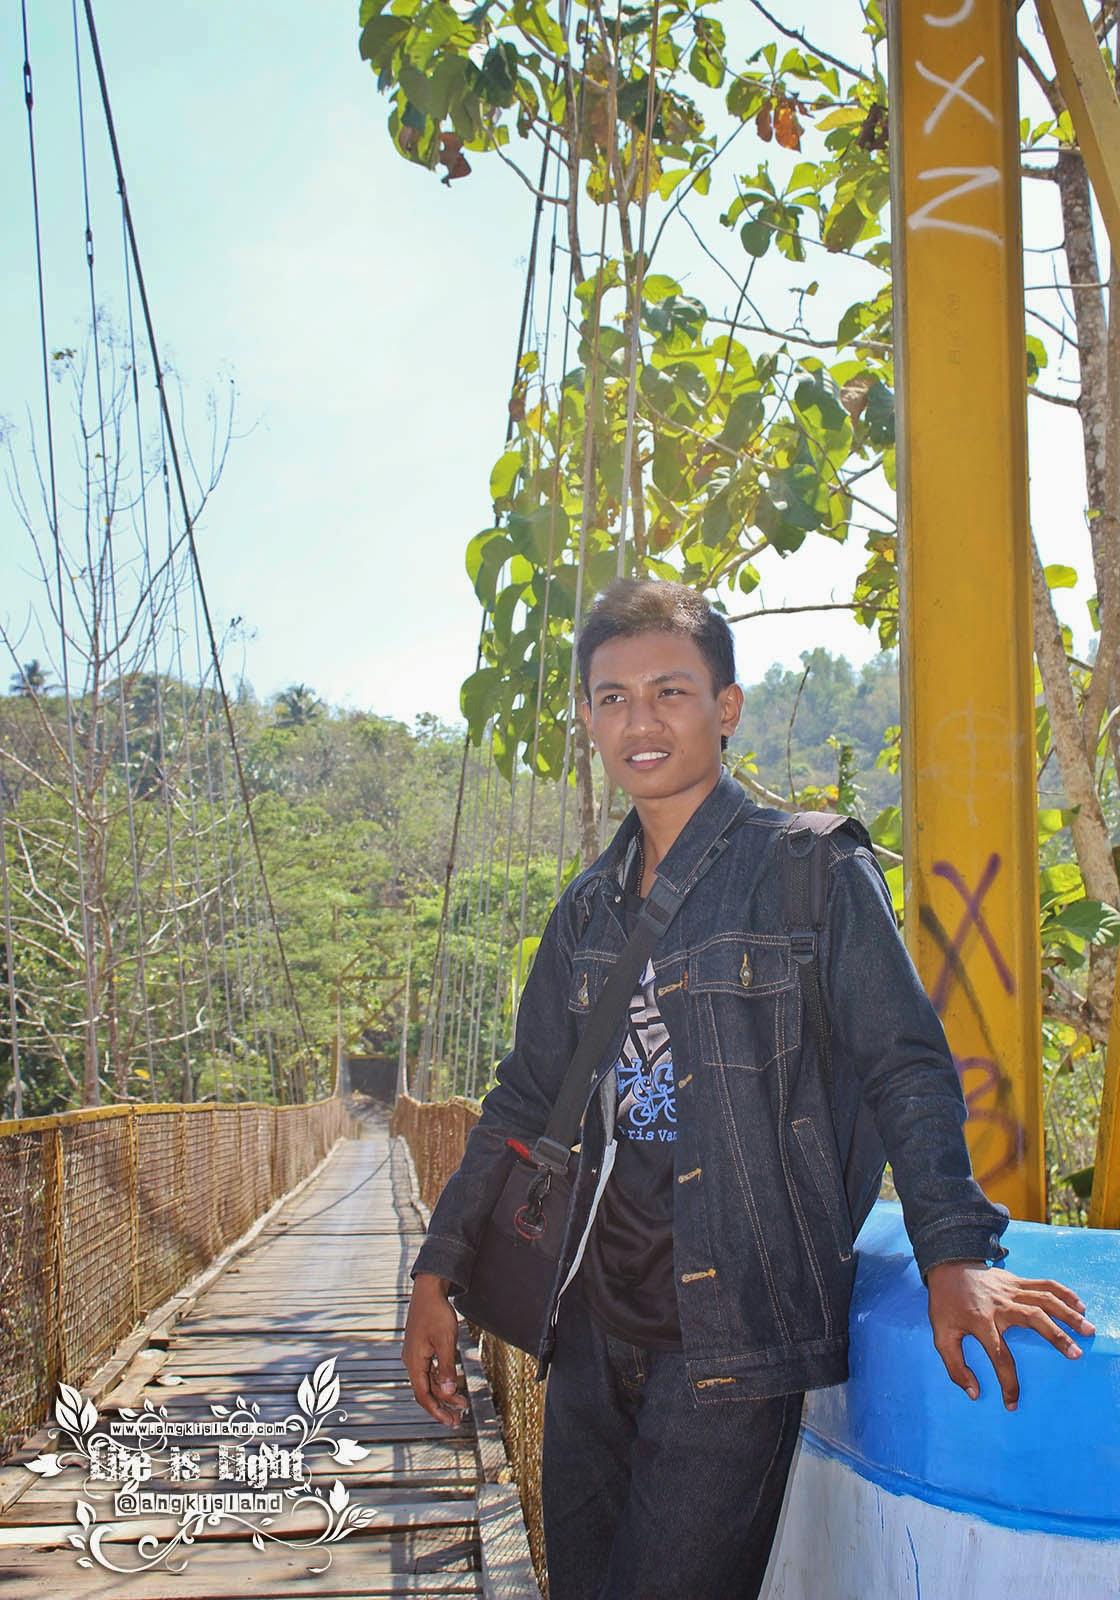 Wildan dan jembatan gambyong